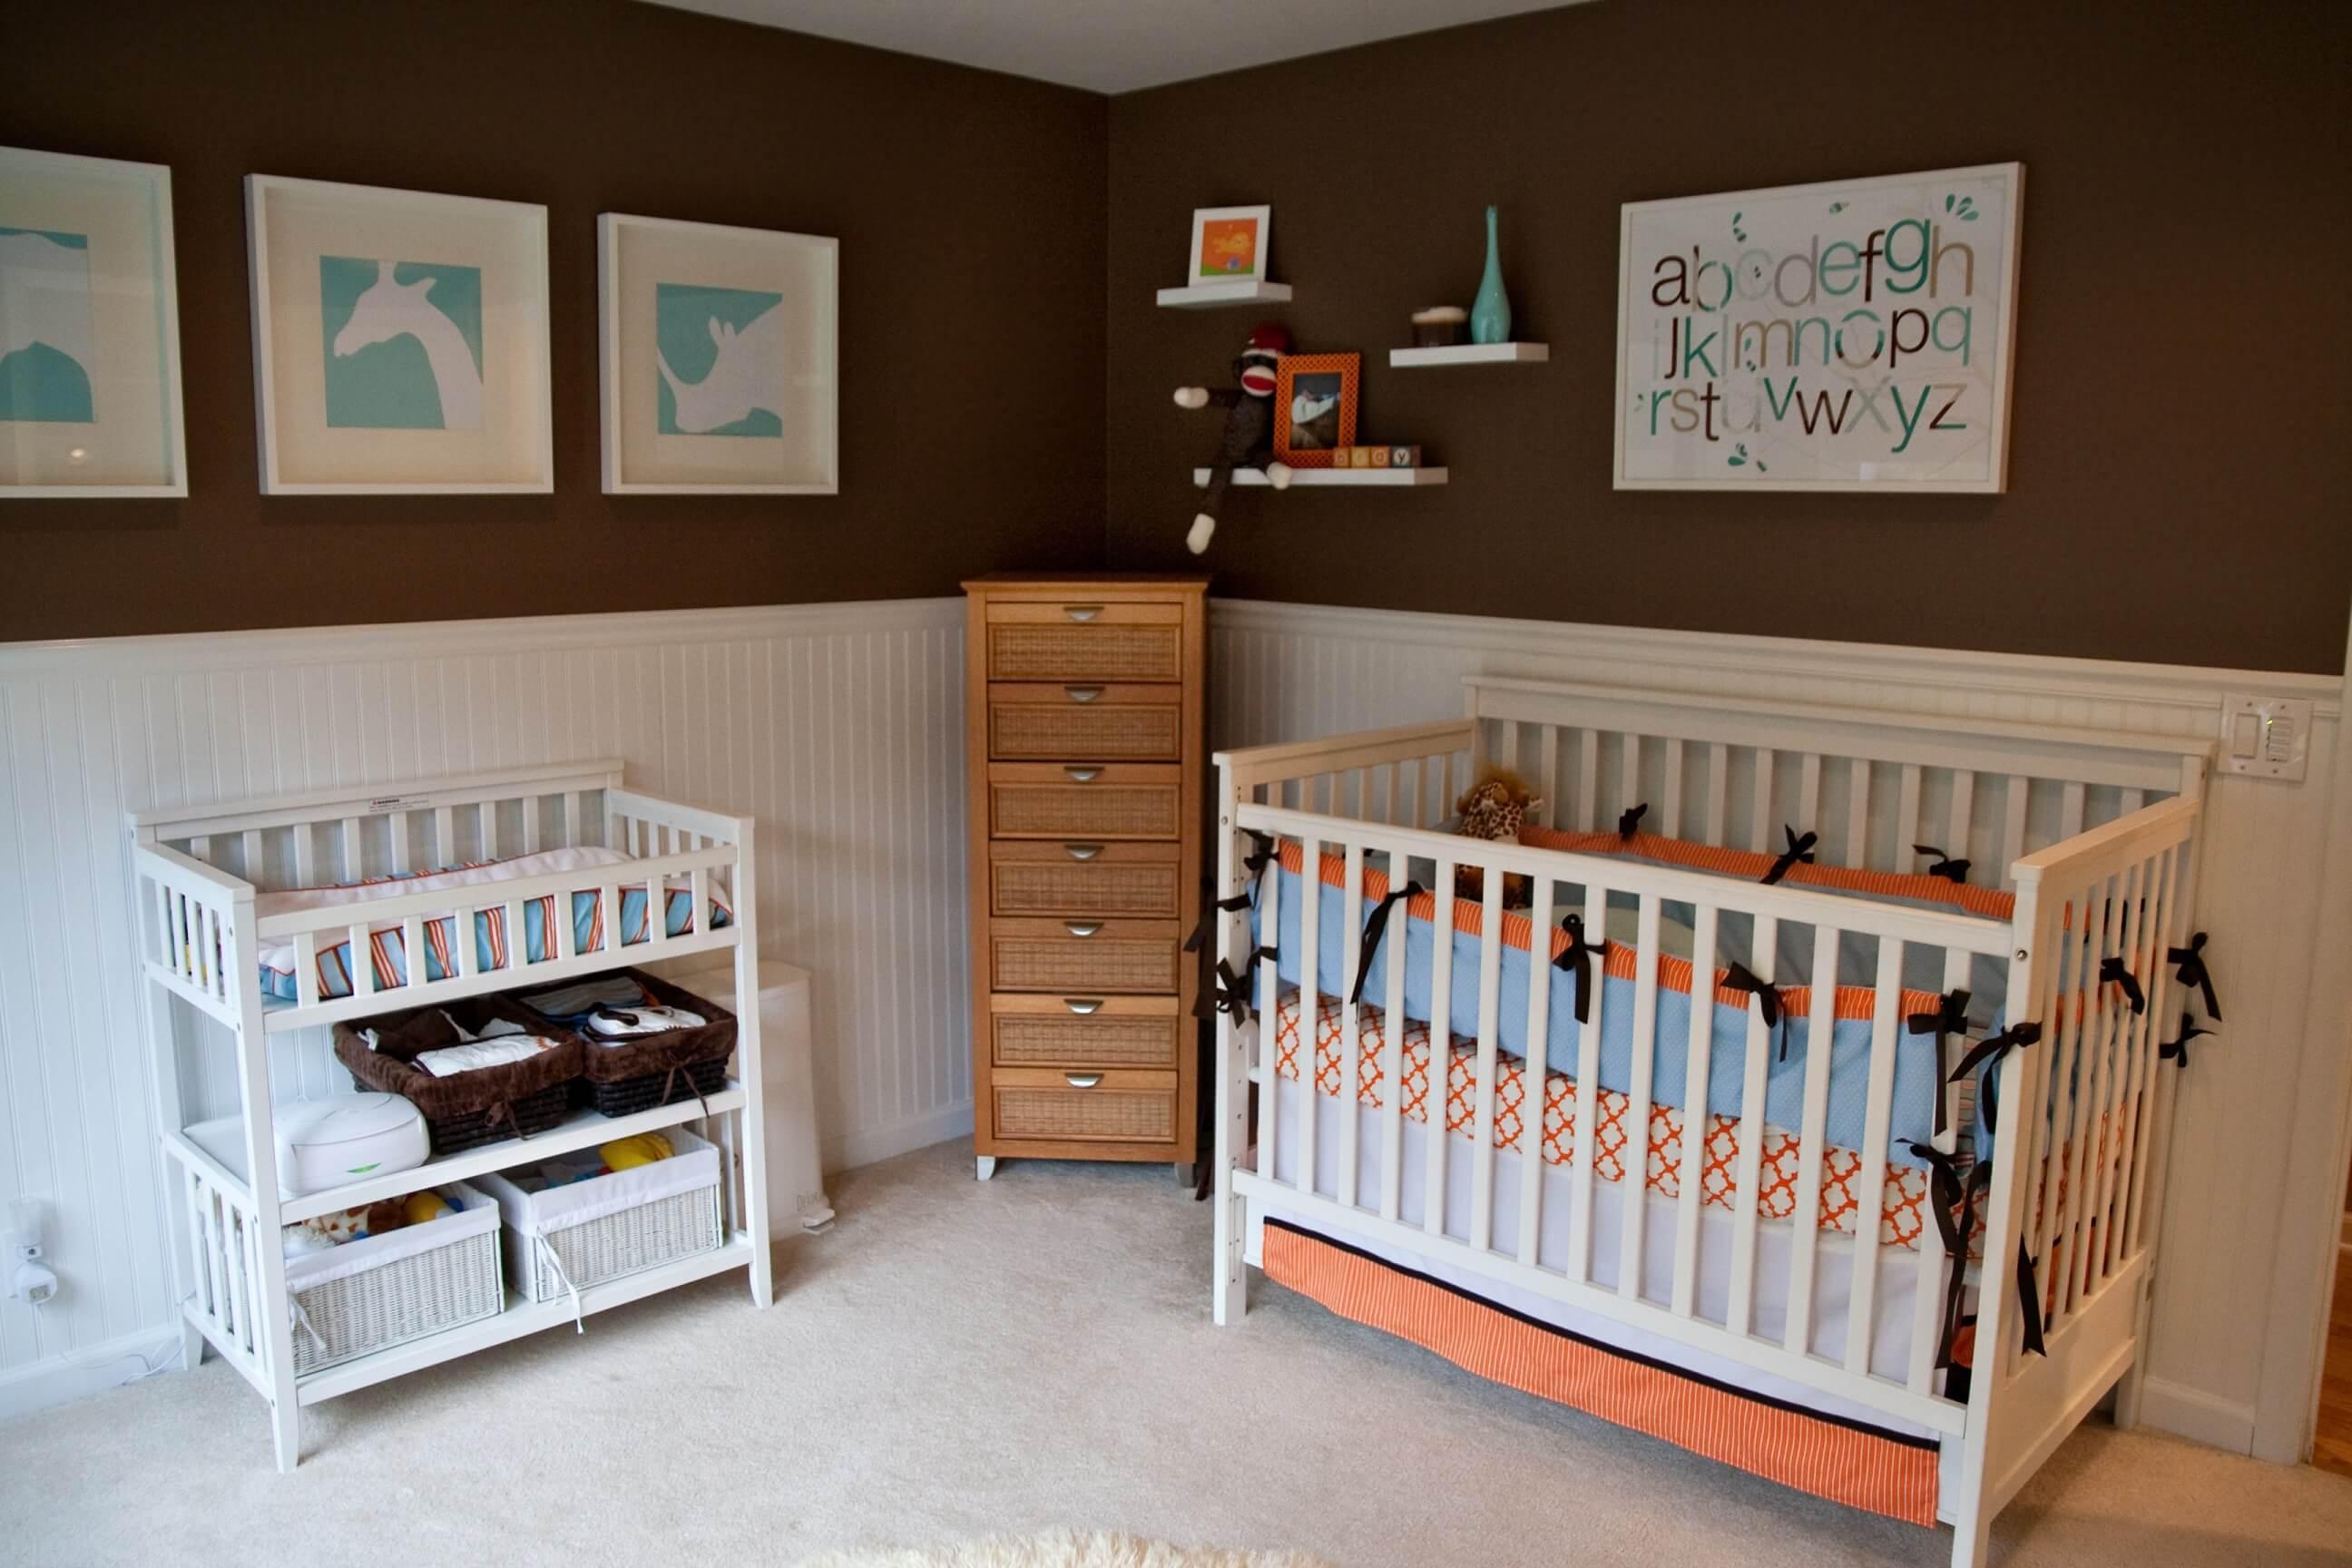 Kinderkamer Kinderkamer Thema : Kinderkamer zanzi van coming kids met extra voordeel koop je bij